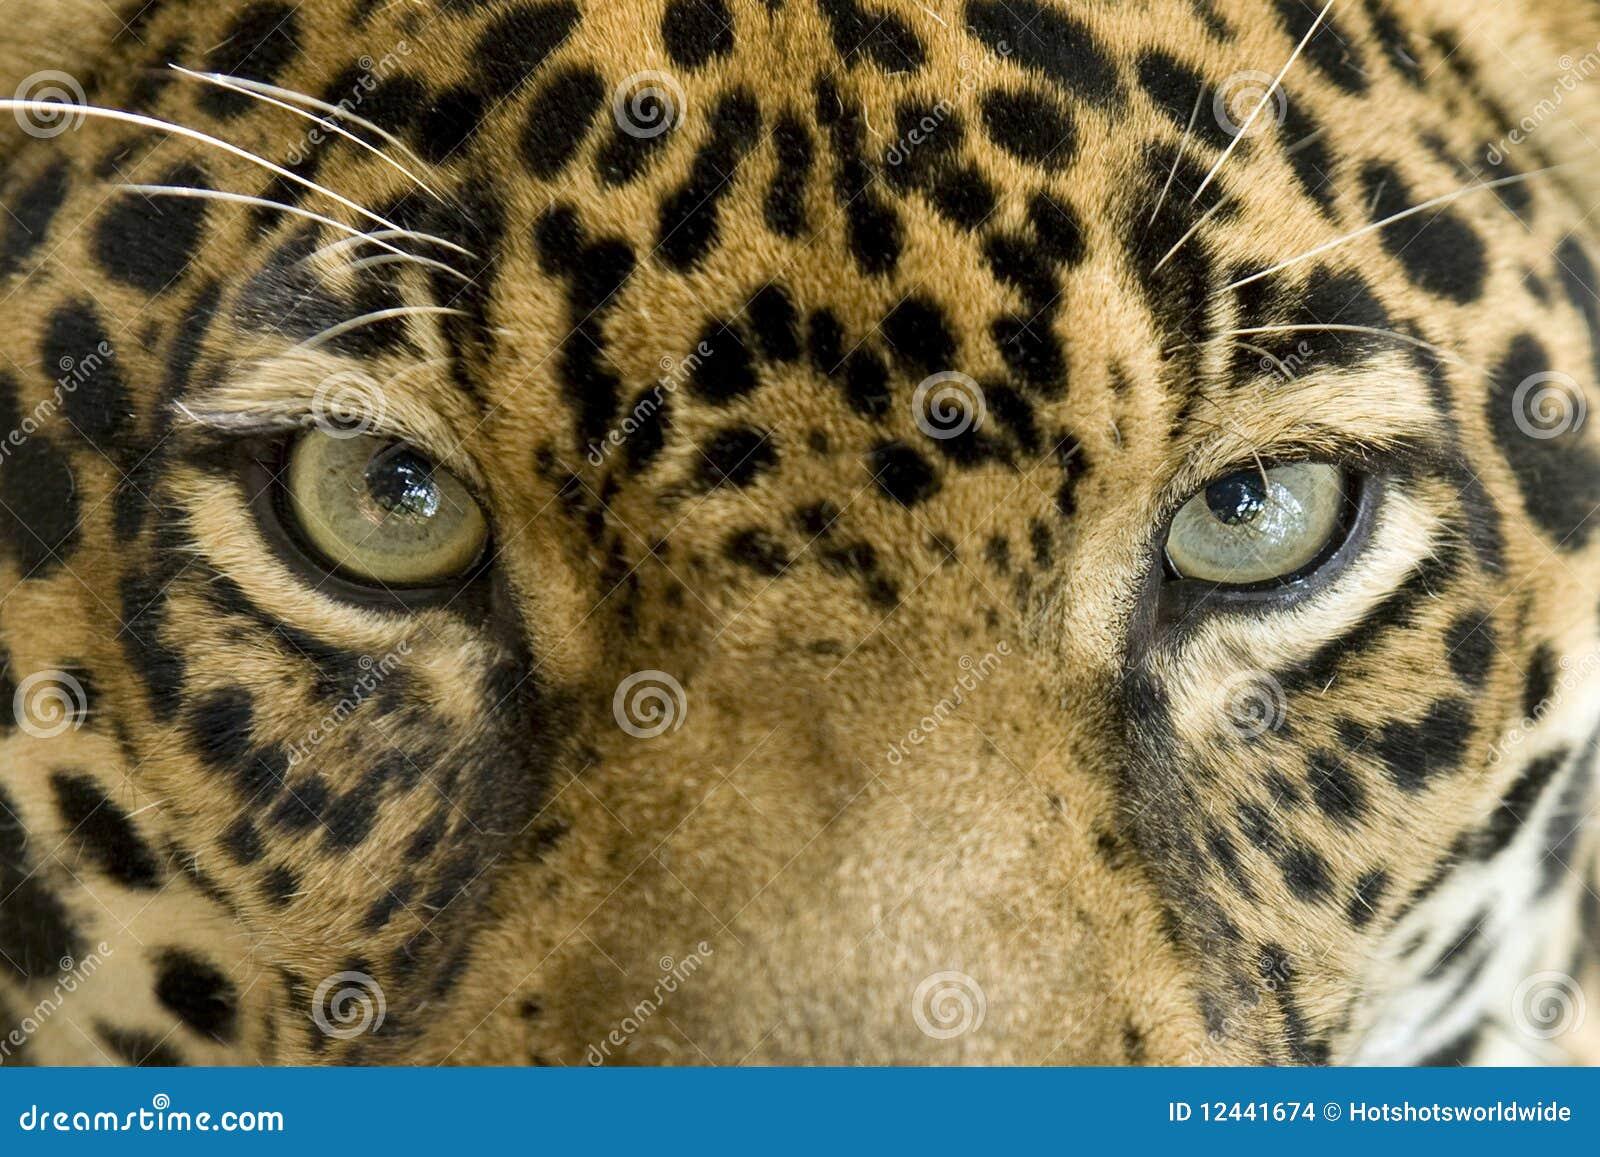 Close up of magnificent big cat jaguar or panthera onca eyes staring ...